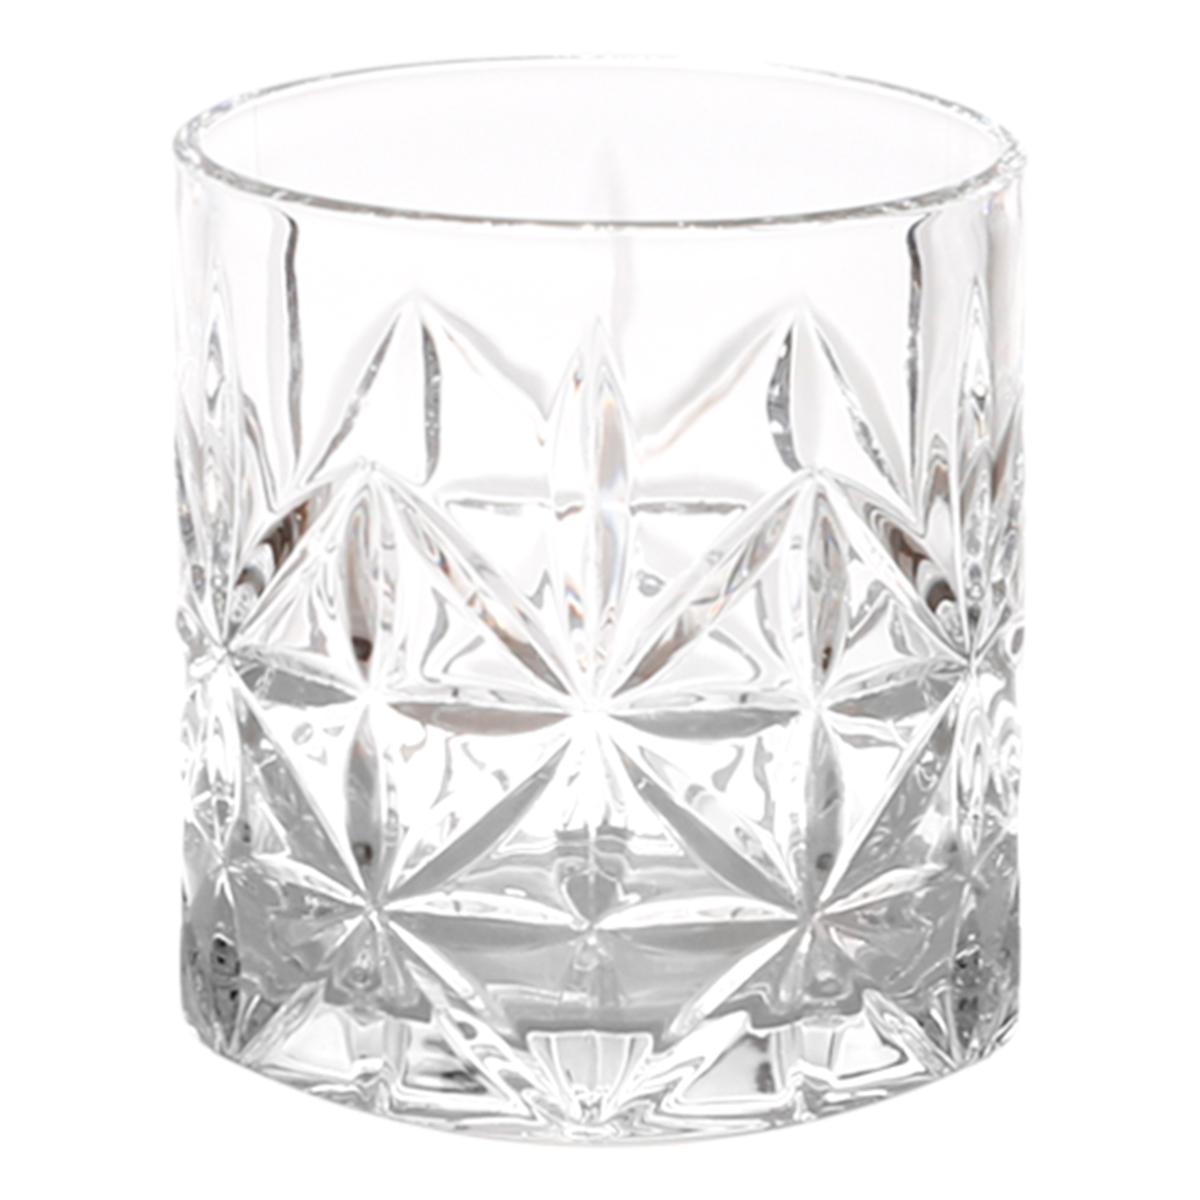 Balde de Gelo 1 L + 6 Copos Whisky Vidro Stella 300ml/9x8cm